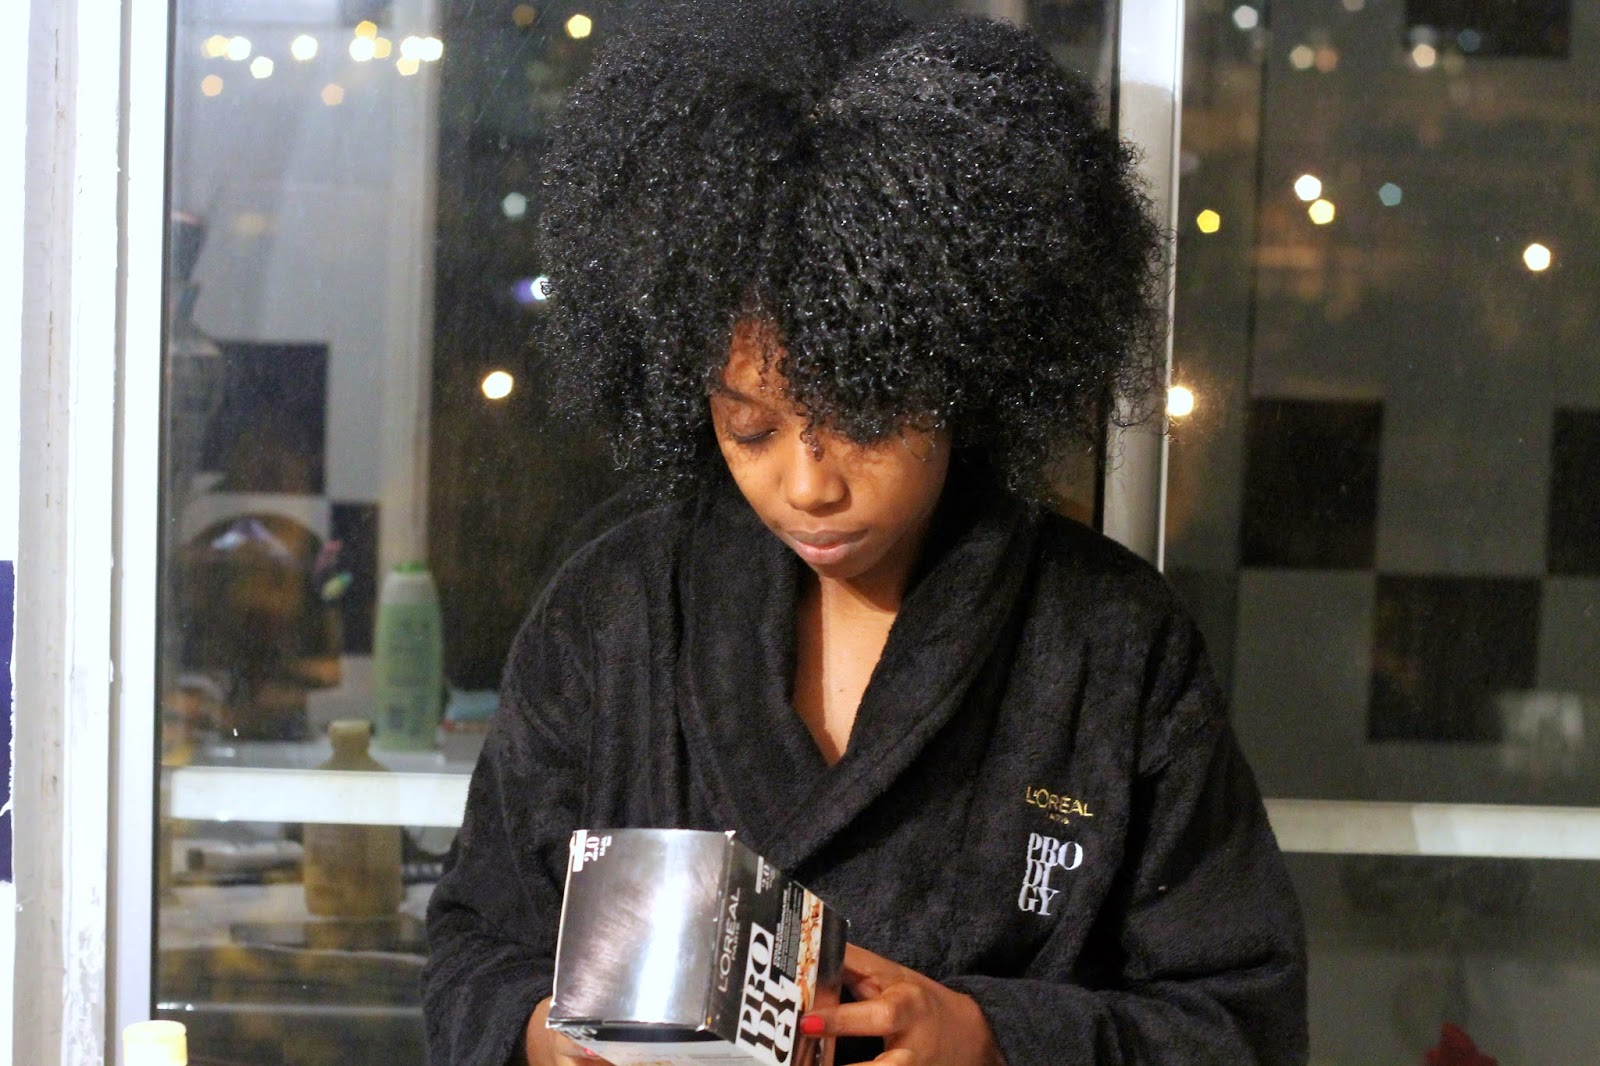 me voil avec la tte entirement recouverte de coloration noir kajal il faut la laisser agir pendant 30 minutes maximum mes cheveux sont devenus noirs au - Coloration Pour Cheveux Crpus Peaux Noires